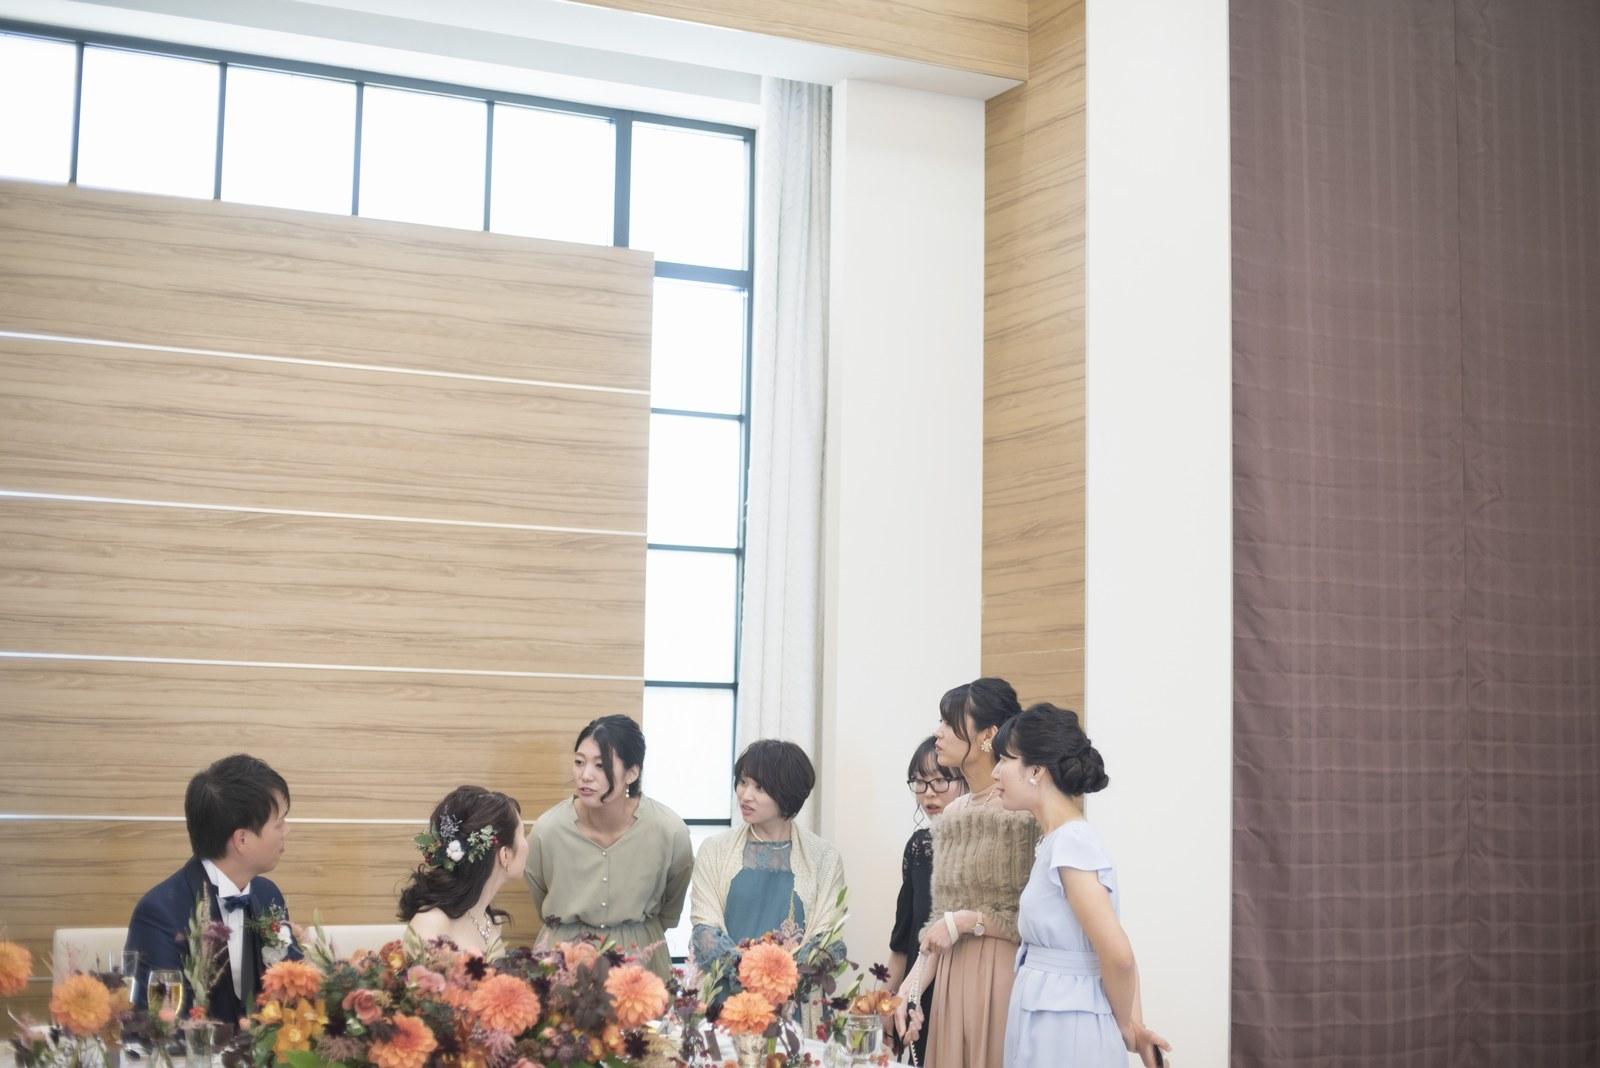 香川県の結婚式場シェルエメール&アイスタイル 友人